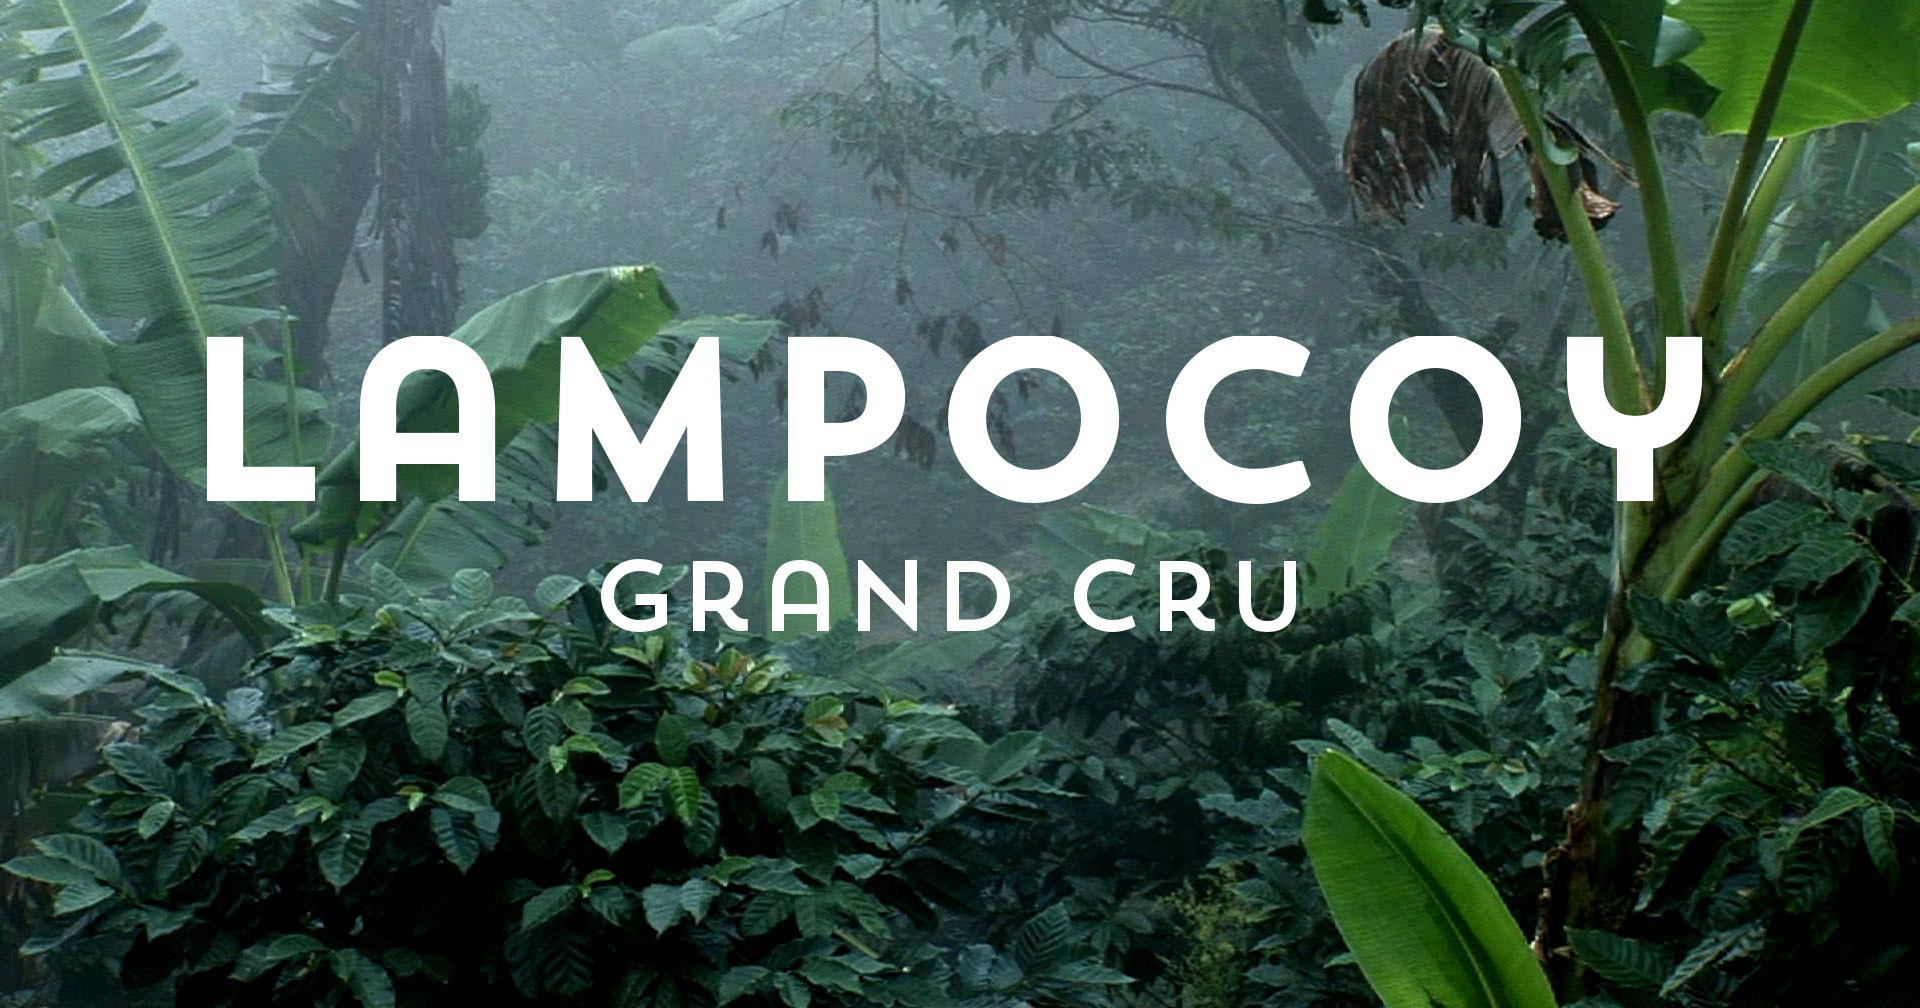 Lampocoy Projekt-Kaffee aus Guatemala, Titelbild mit Schrift, Kaffee geröstet von der Kaffeerösterei Cross Coffee in Bremen